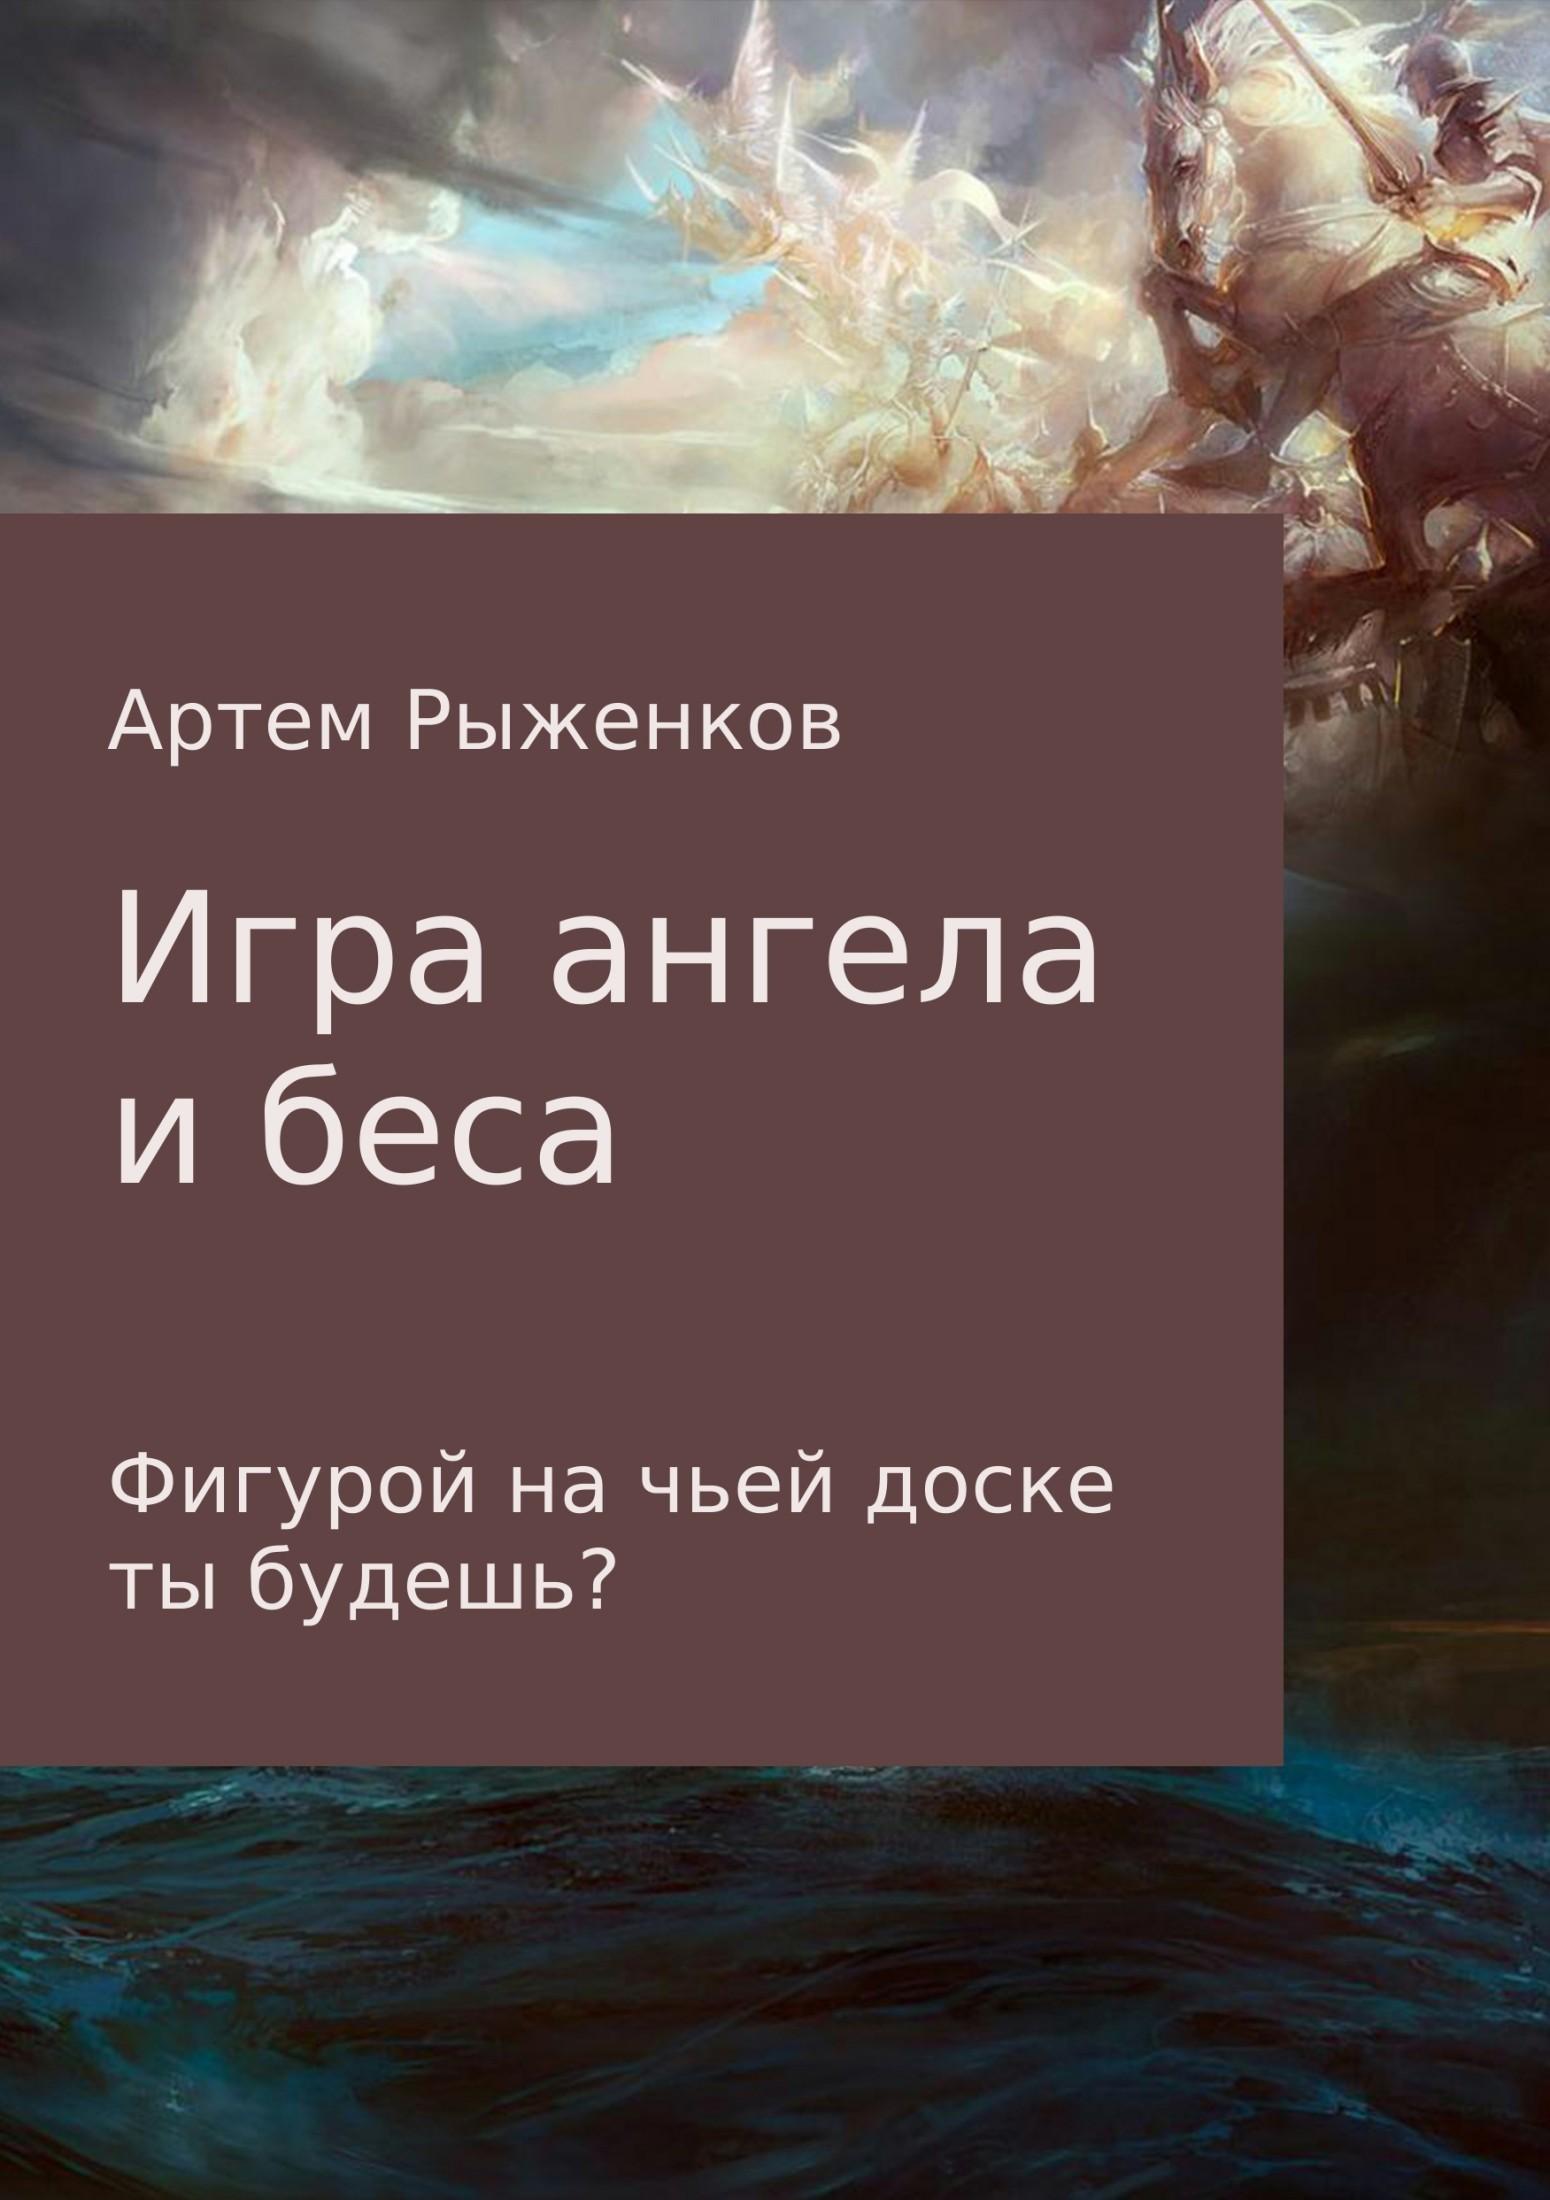 Артем Александрович Рыженков бесплатно